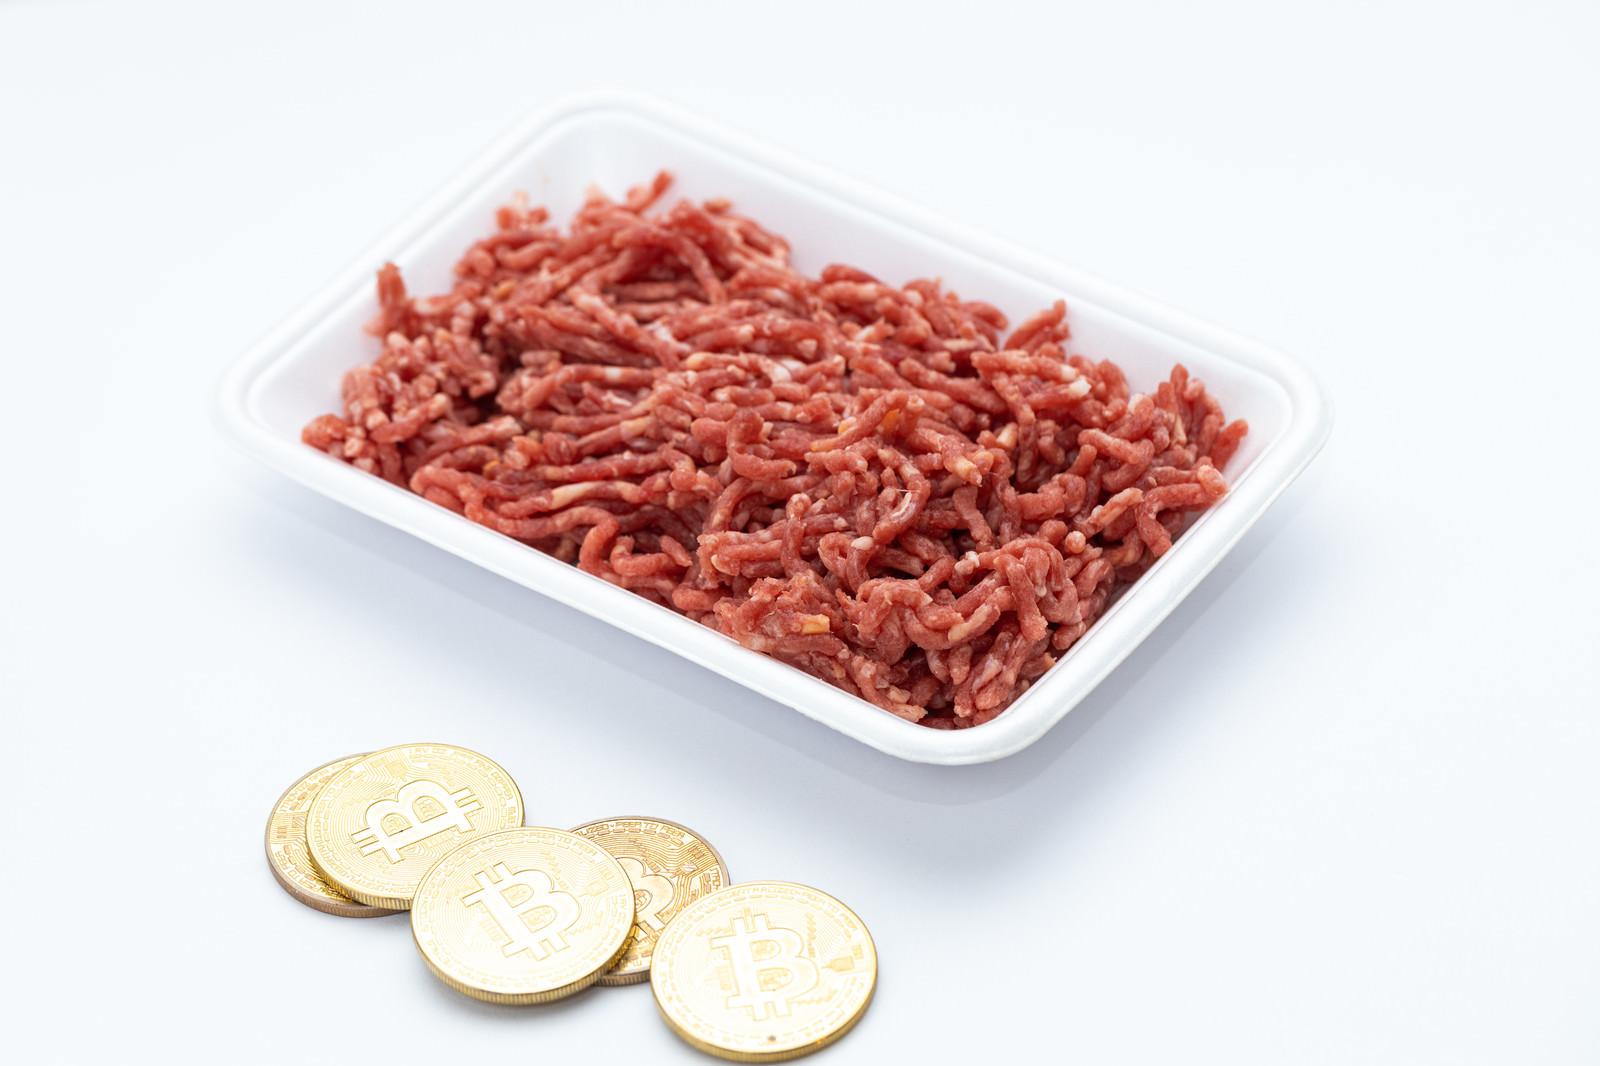 「ビットコインでミンチ肉を購入」の写真